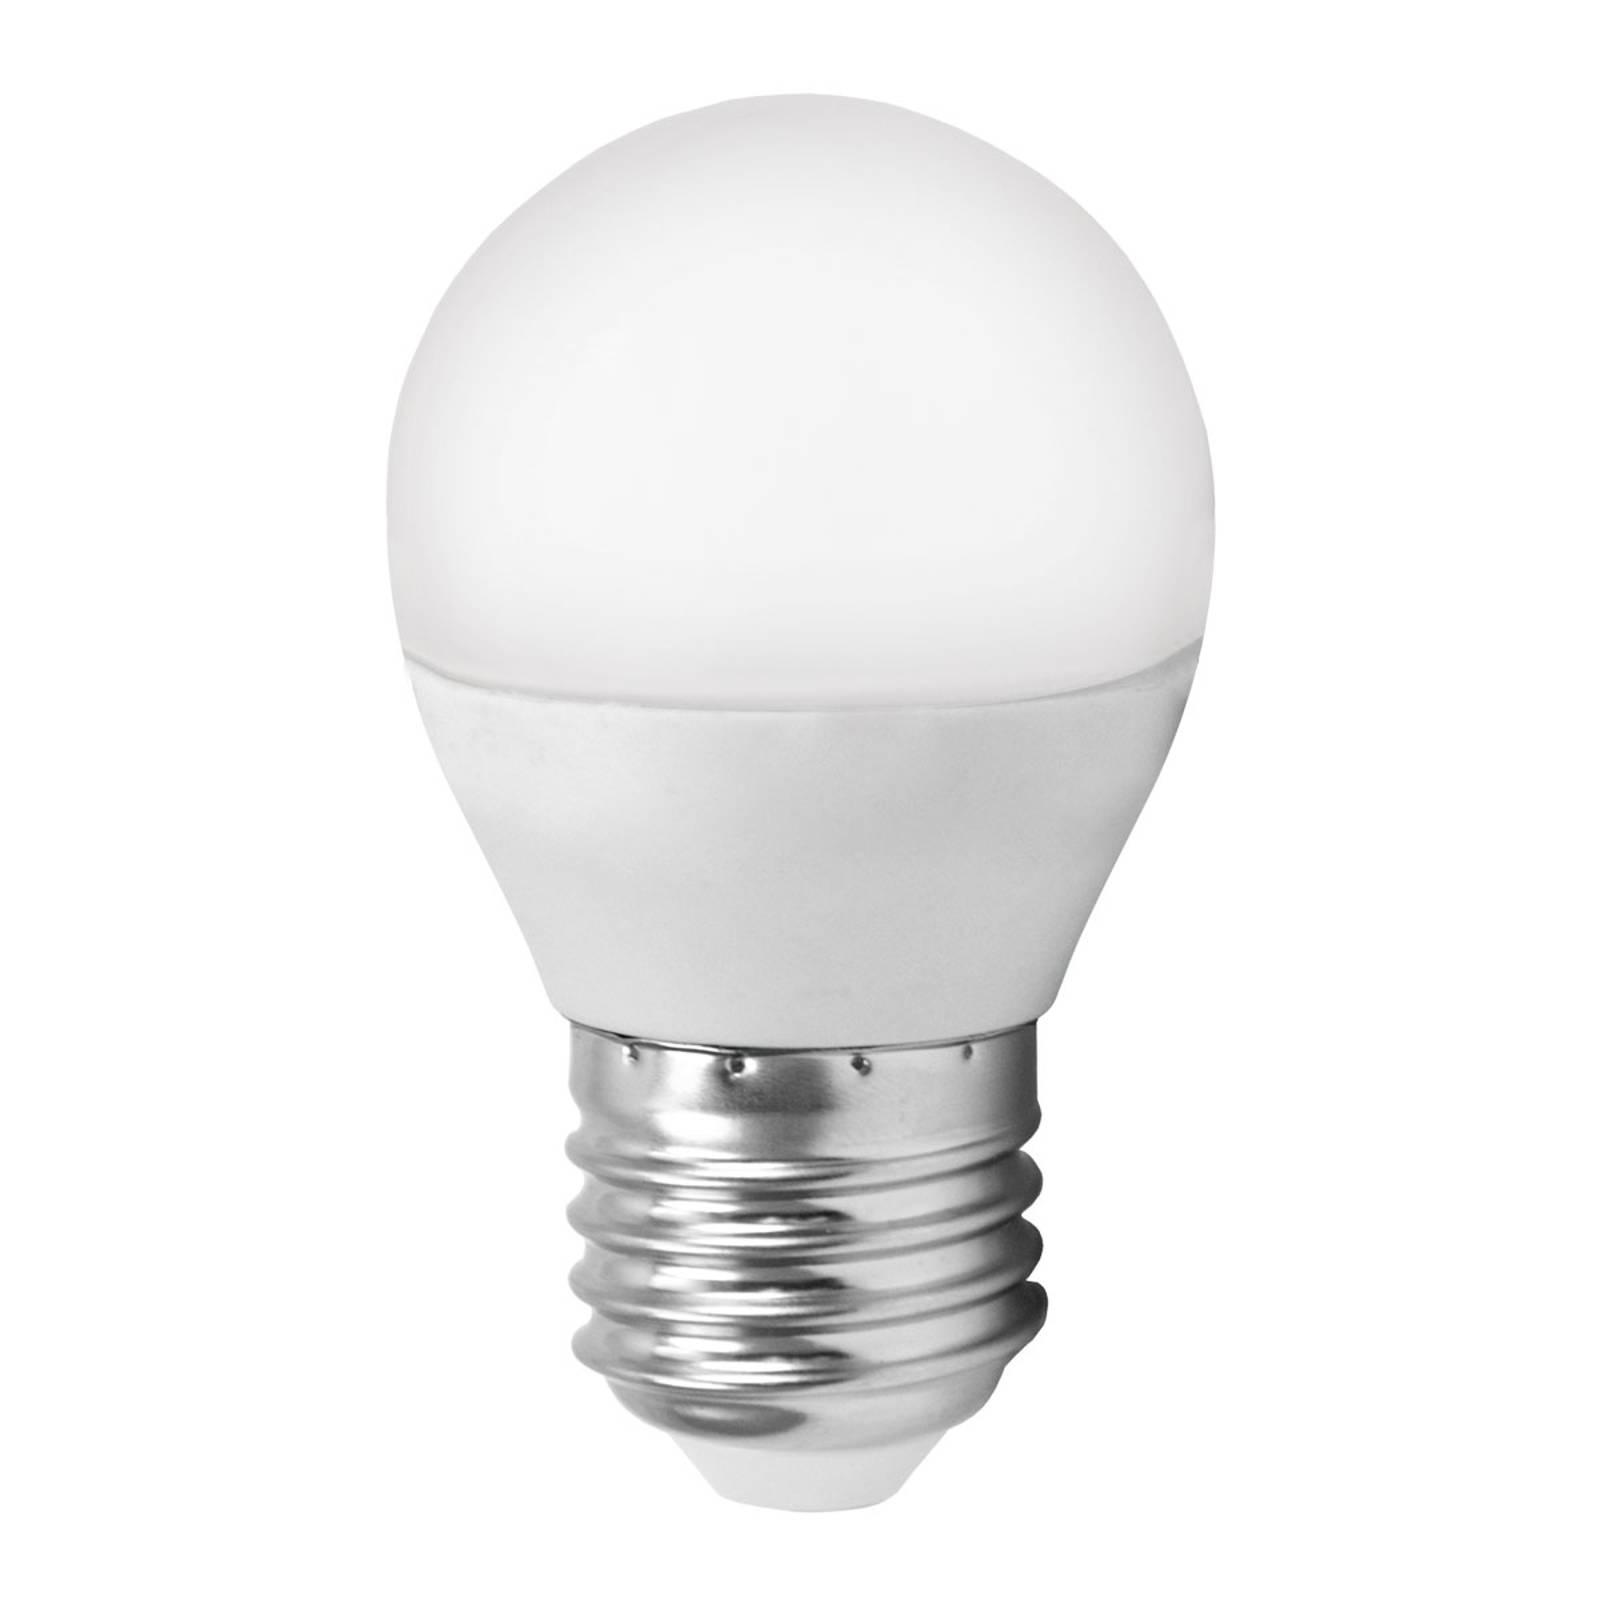 Lampadina LED E27 G45 MiniGlobe, bianco caldo